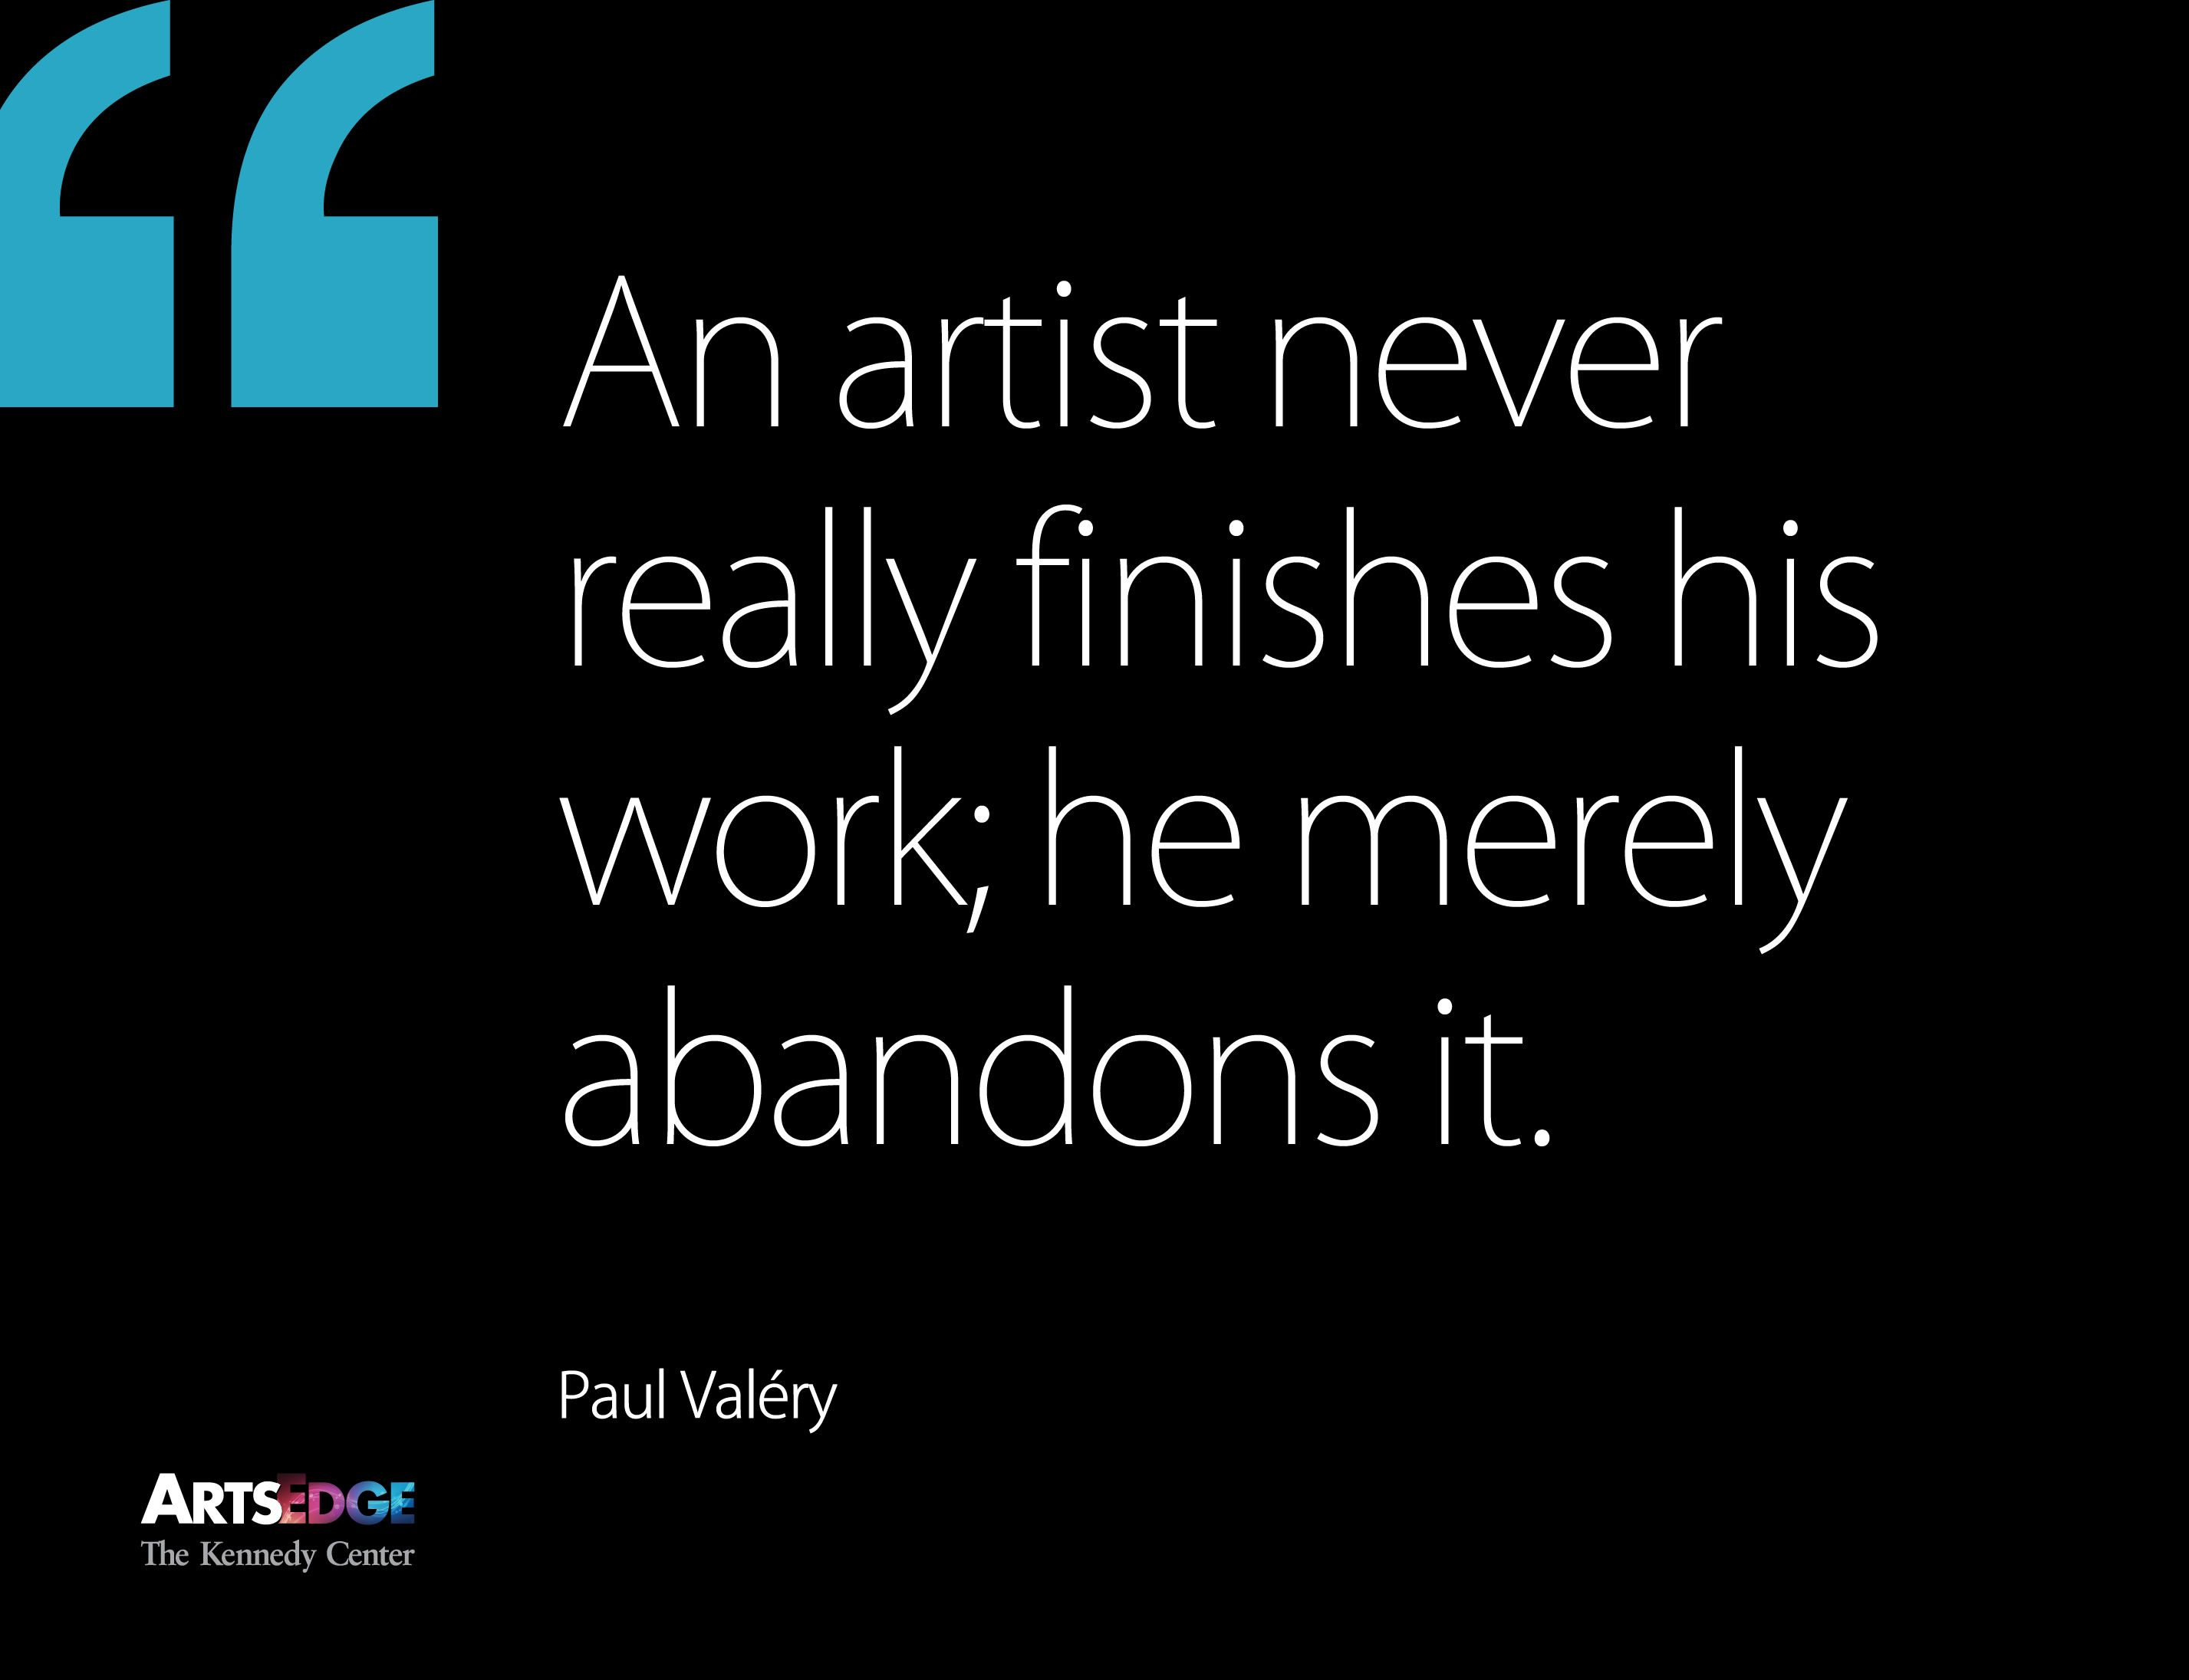 Paul Valery, poet